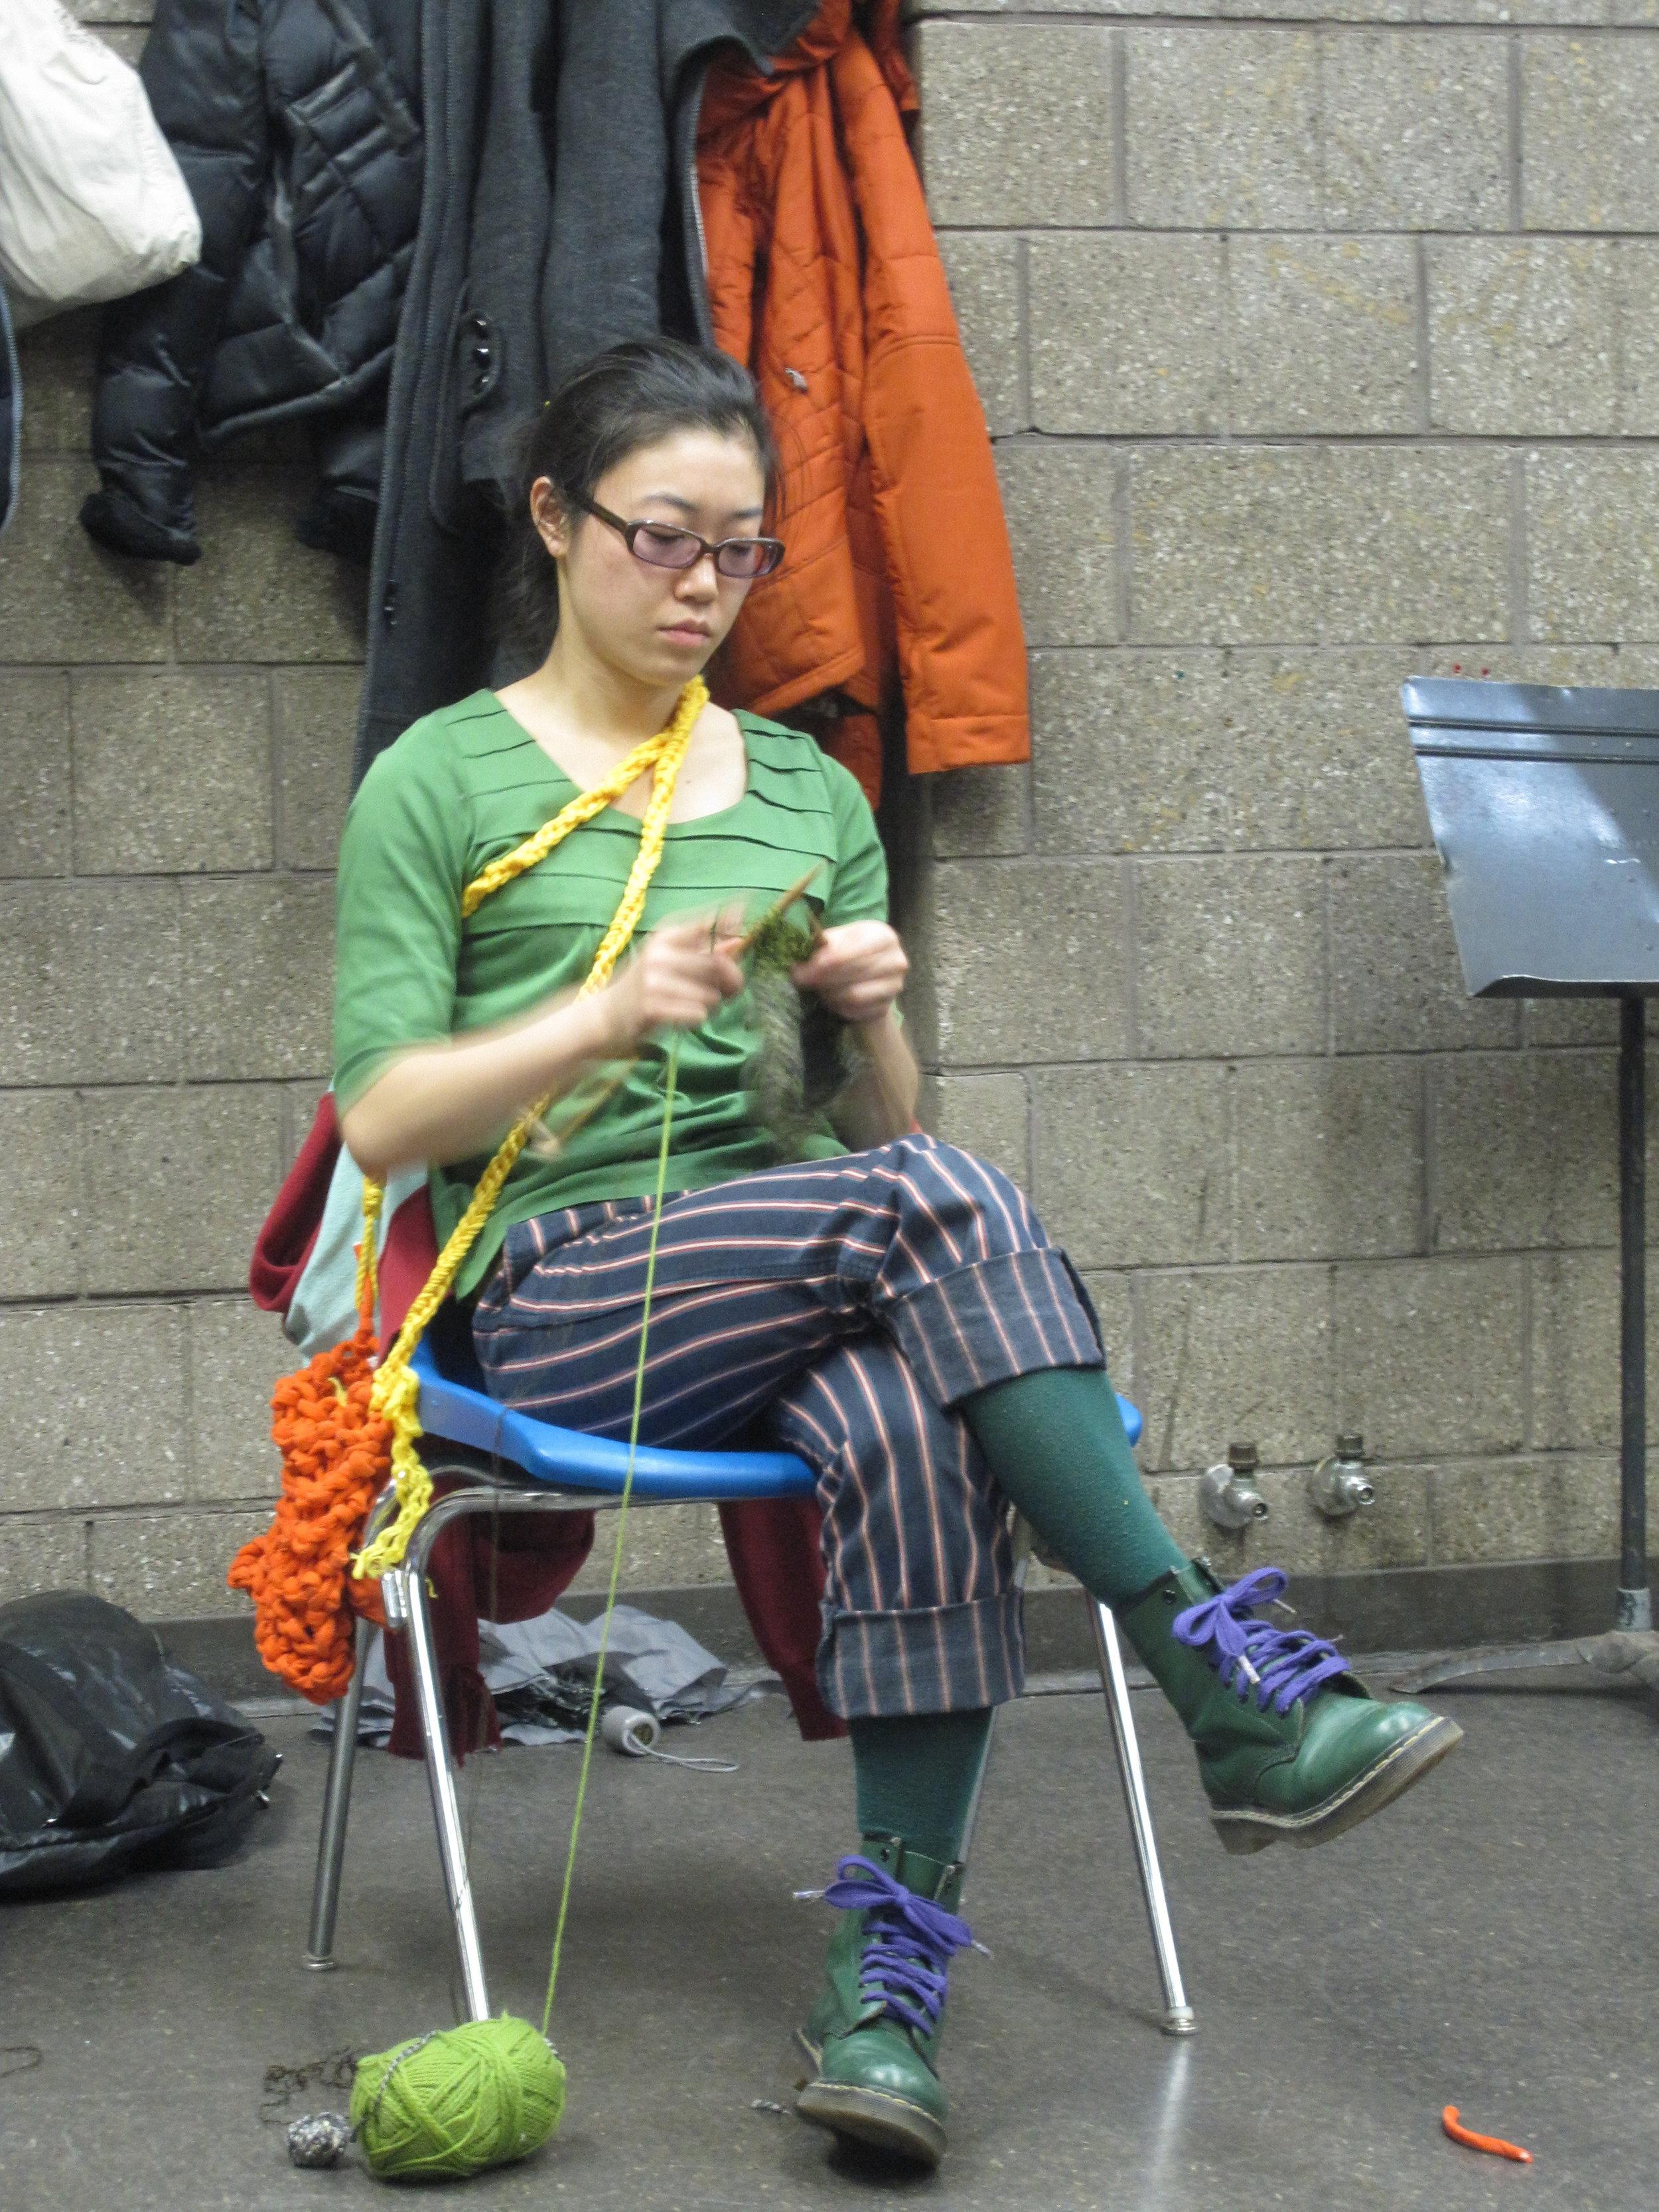 knittingmarathon10_4315228980_o.jpg